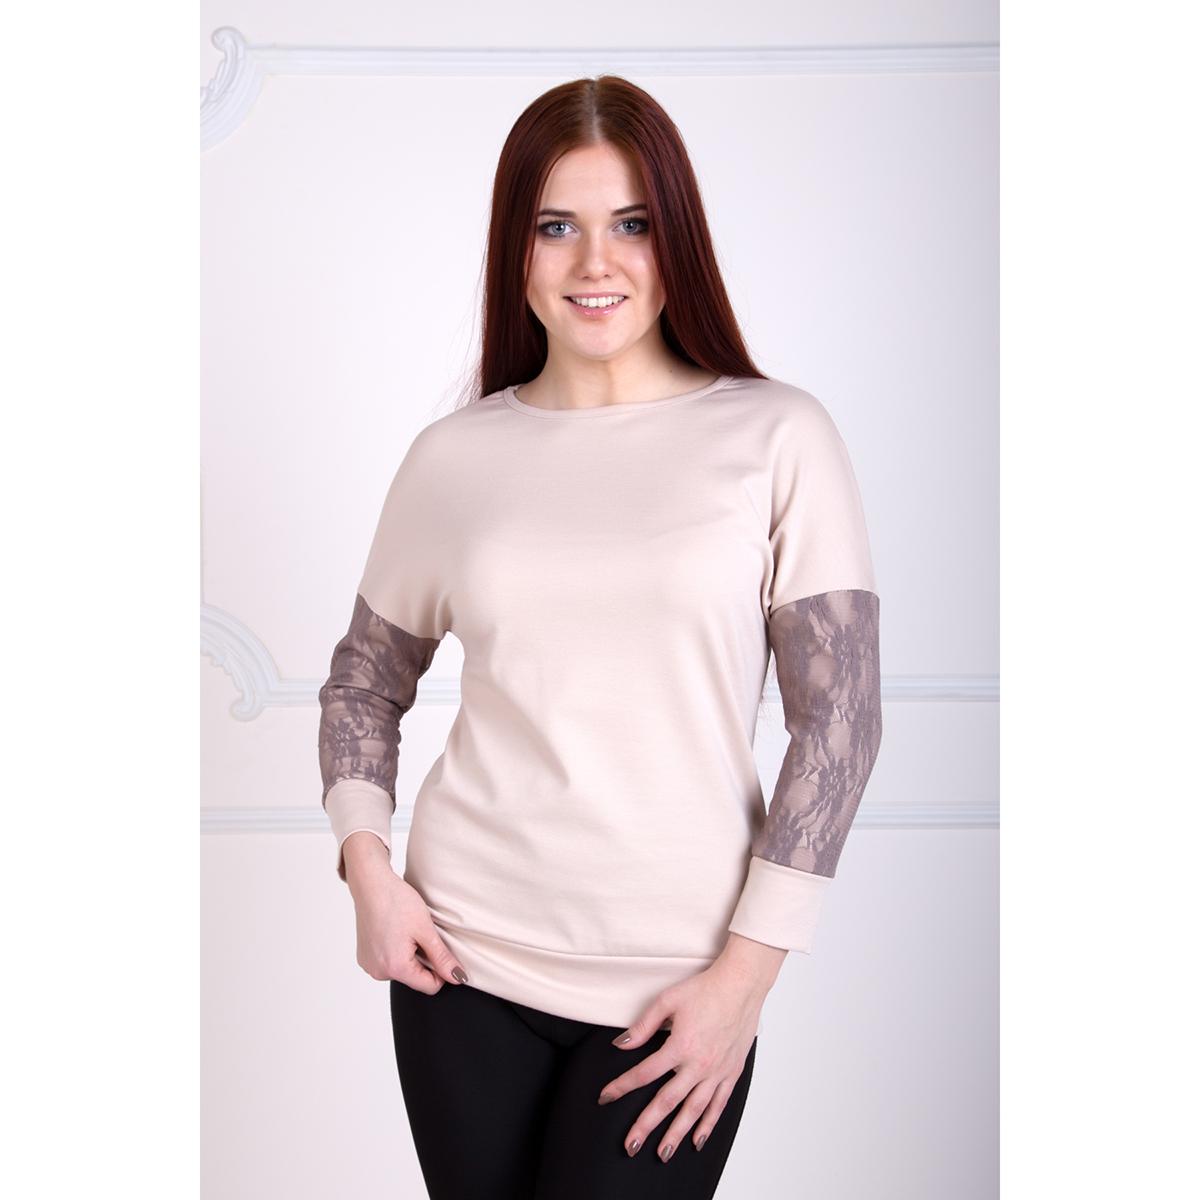 Женская блуза Лиана, размер 58Блузы<br>Обхват груди: 116 см <br>Обхват талии: 97 см <br>Обхват бедер: 124 см <br>Рост: 167 см<br><br>Тип: Жен. блуза<br>Размер: 58<br>Материал: Милано